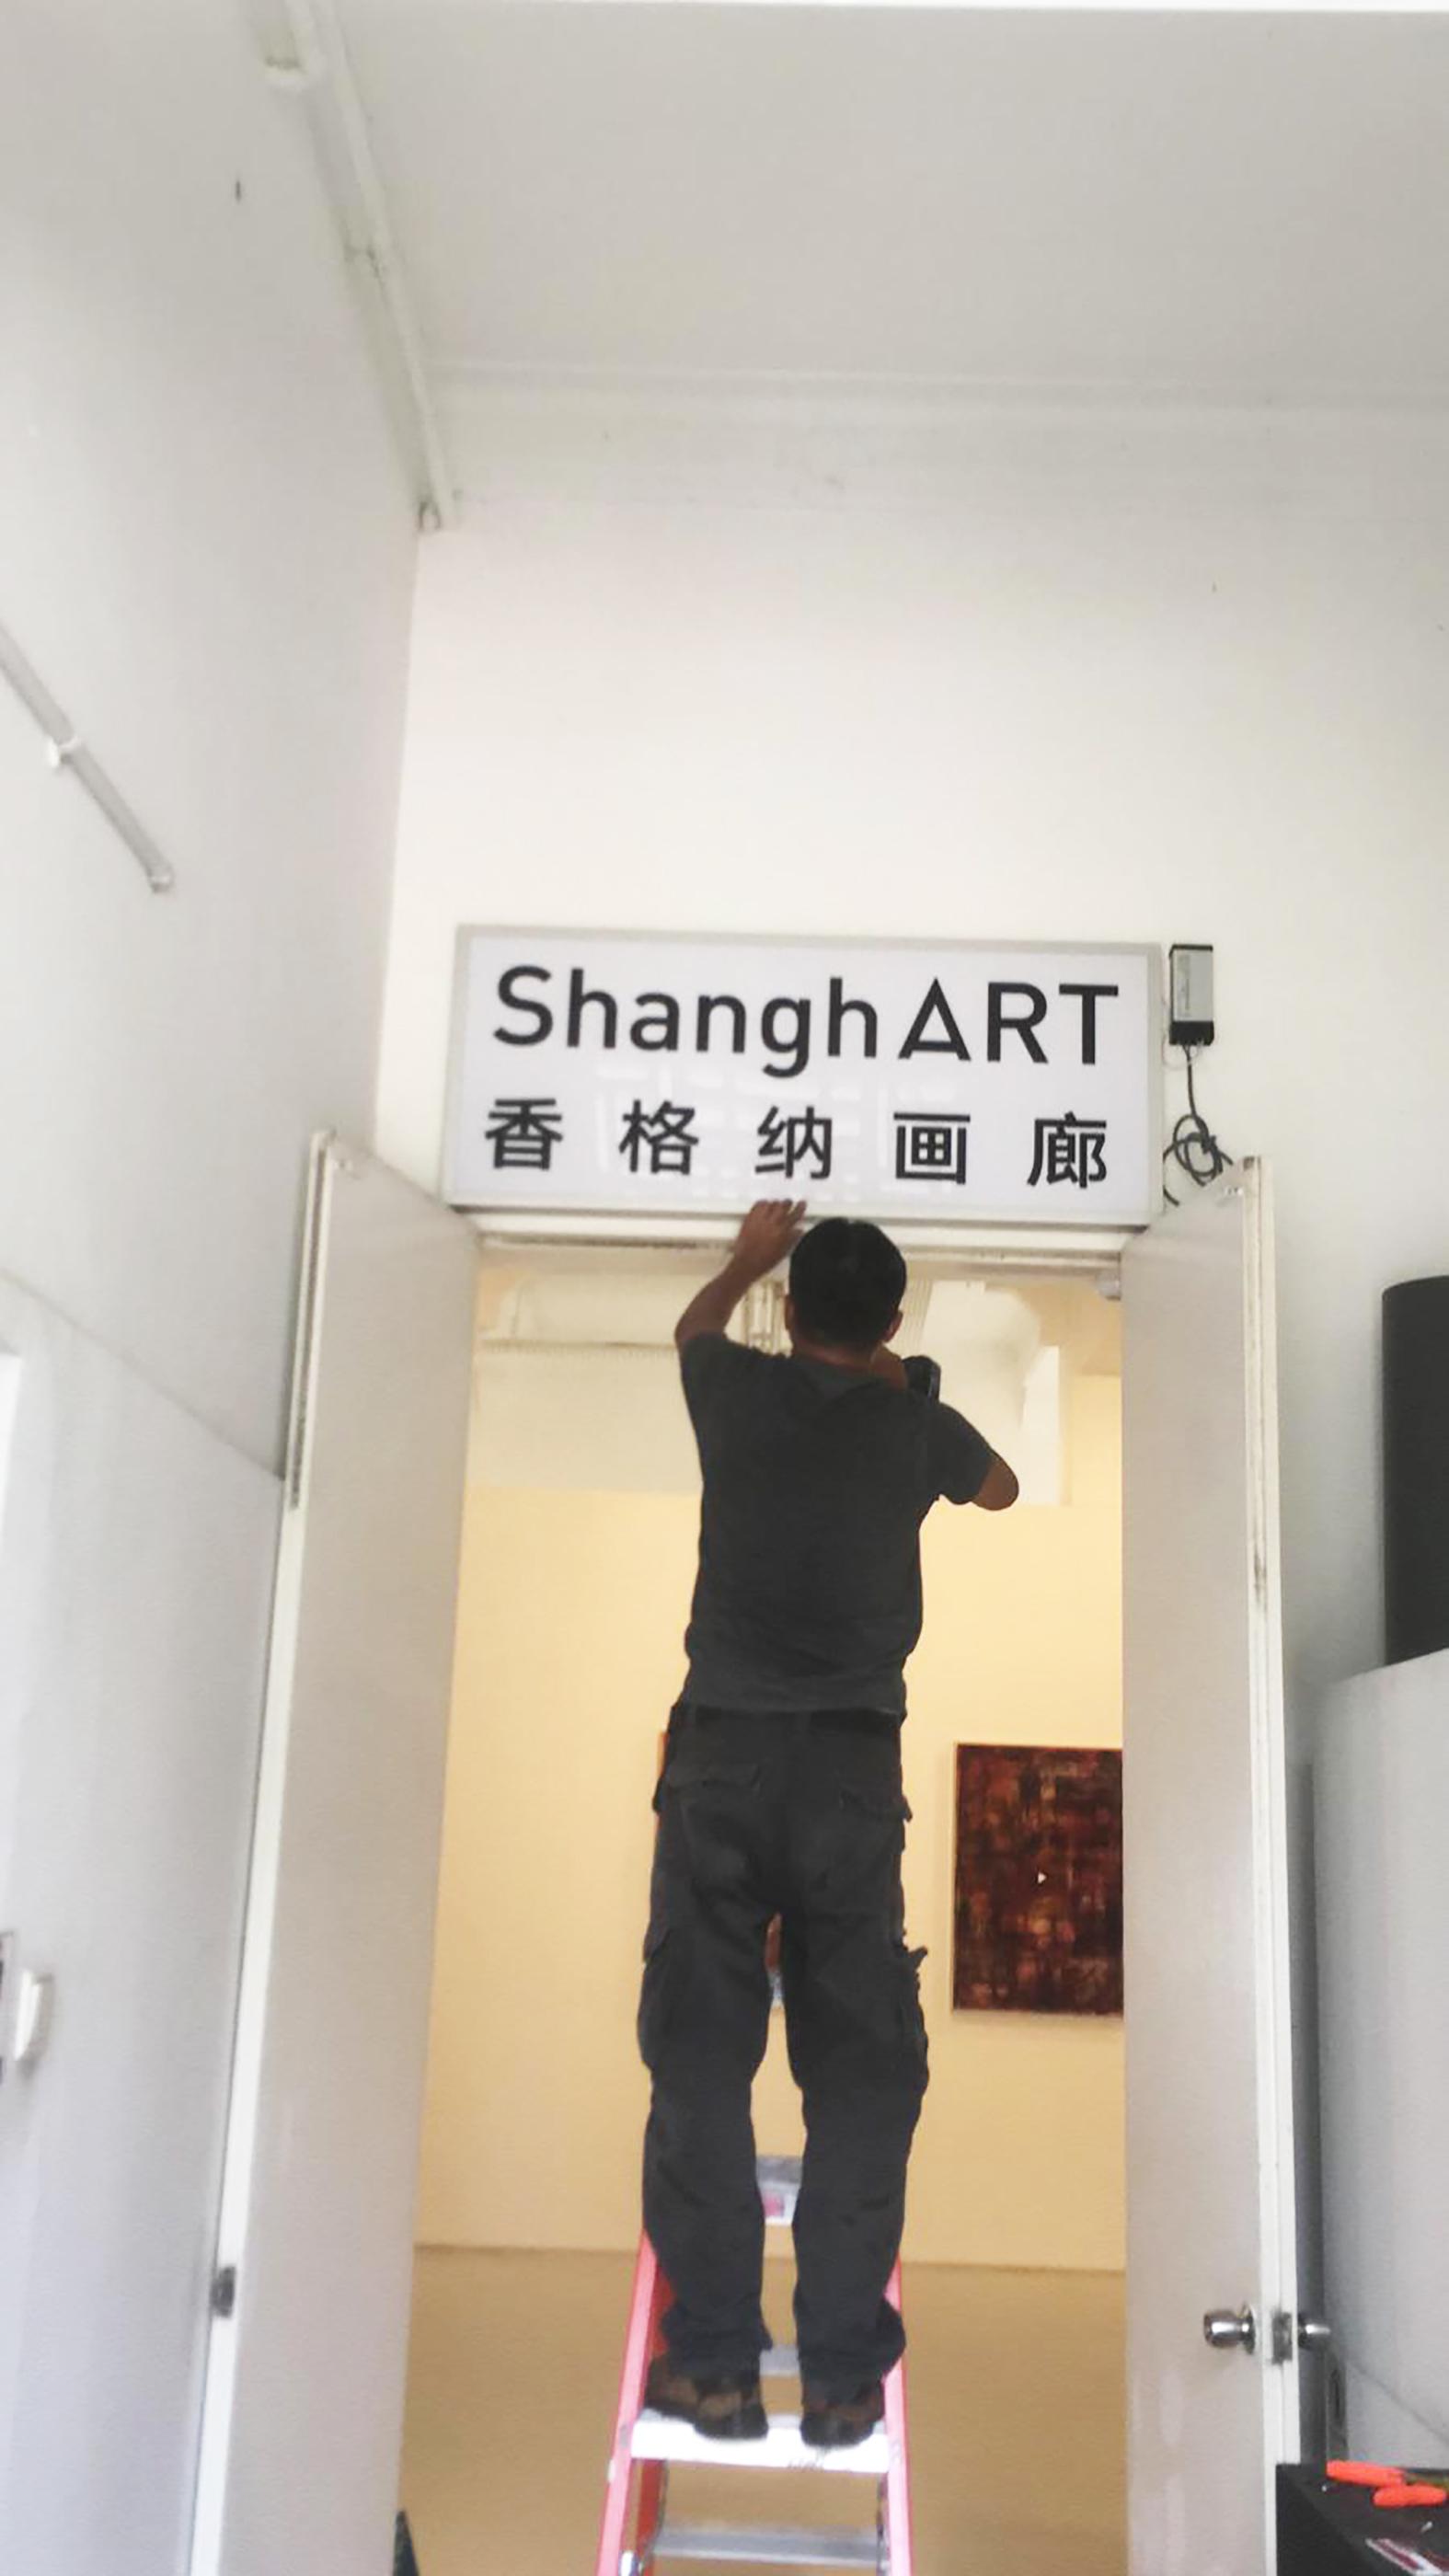 SHANGHART